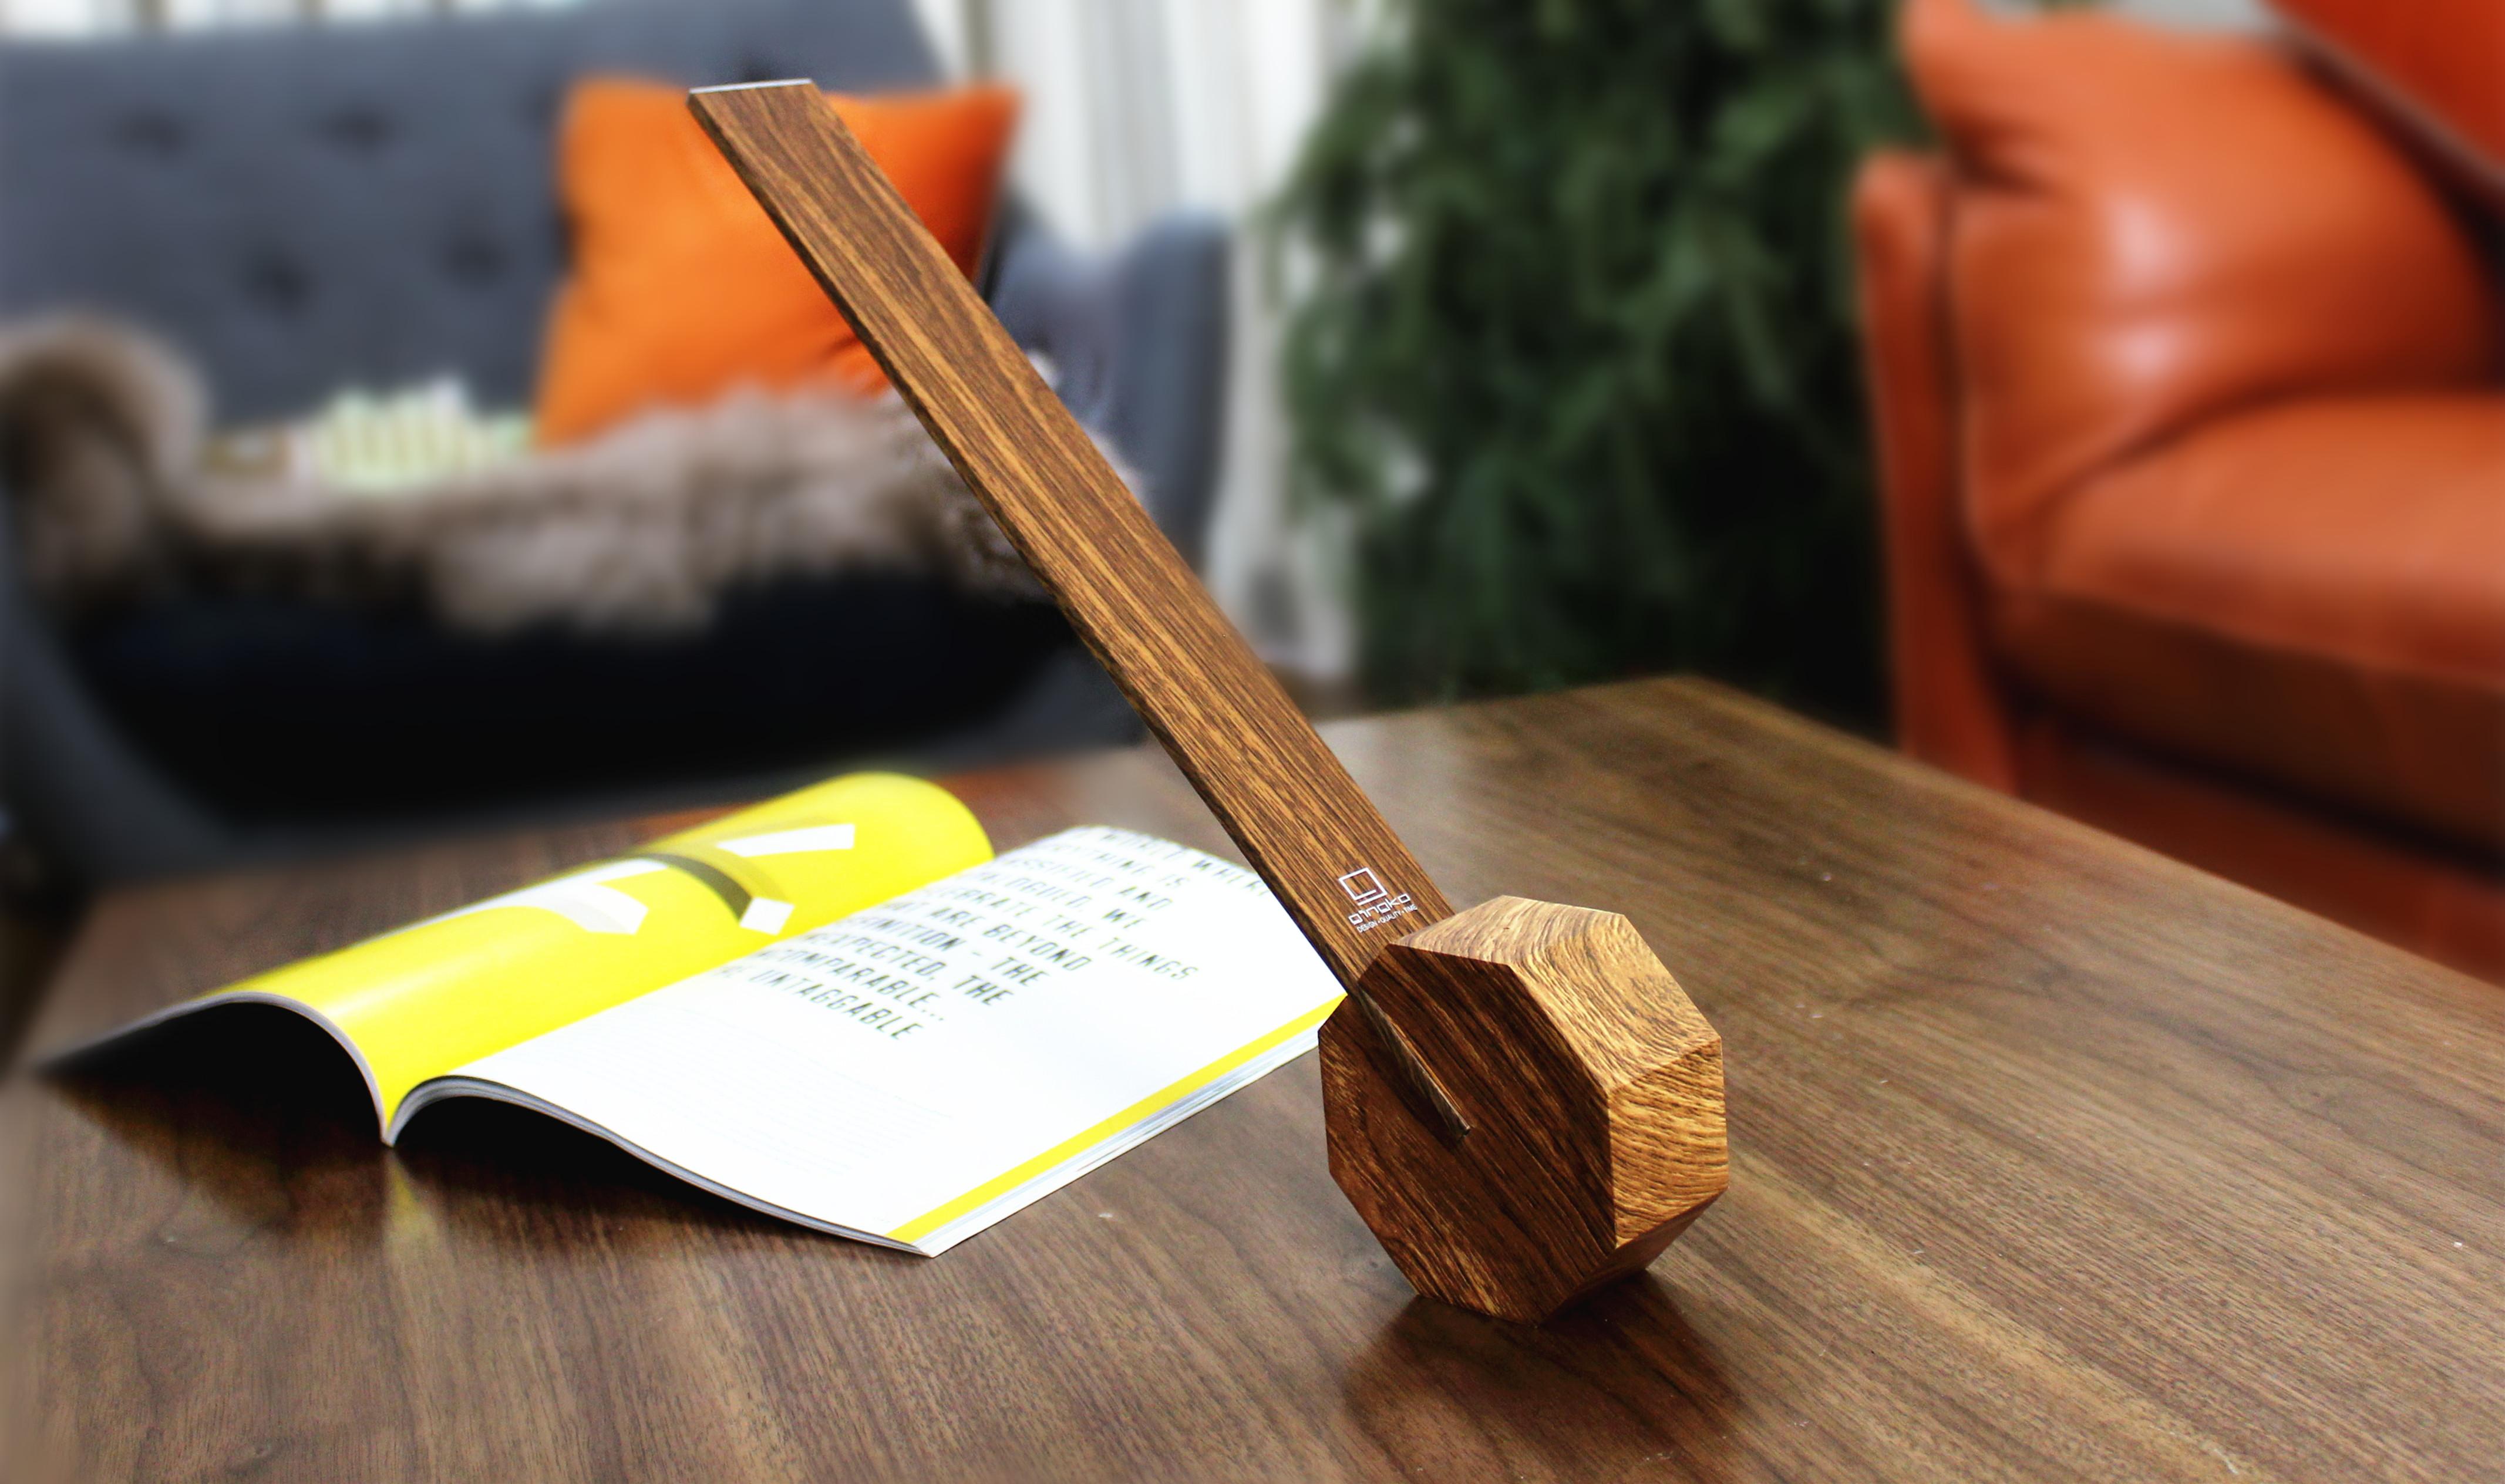 印象的な八角形の台座・木彫仕上げ・バッテリー内蔵のワイヤレス型LEDデスクライト